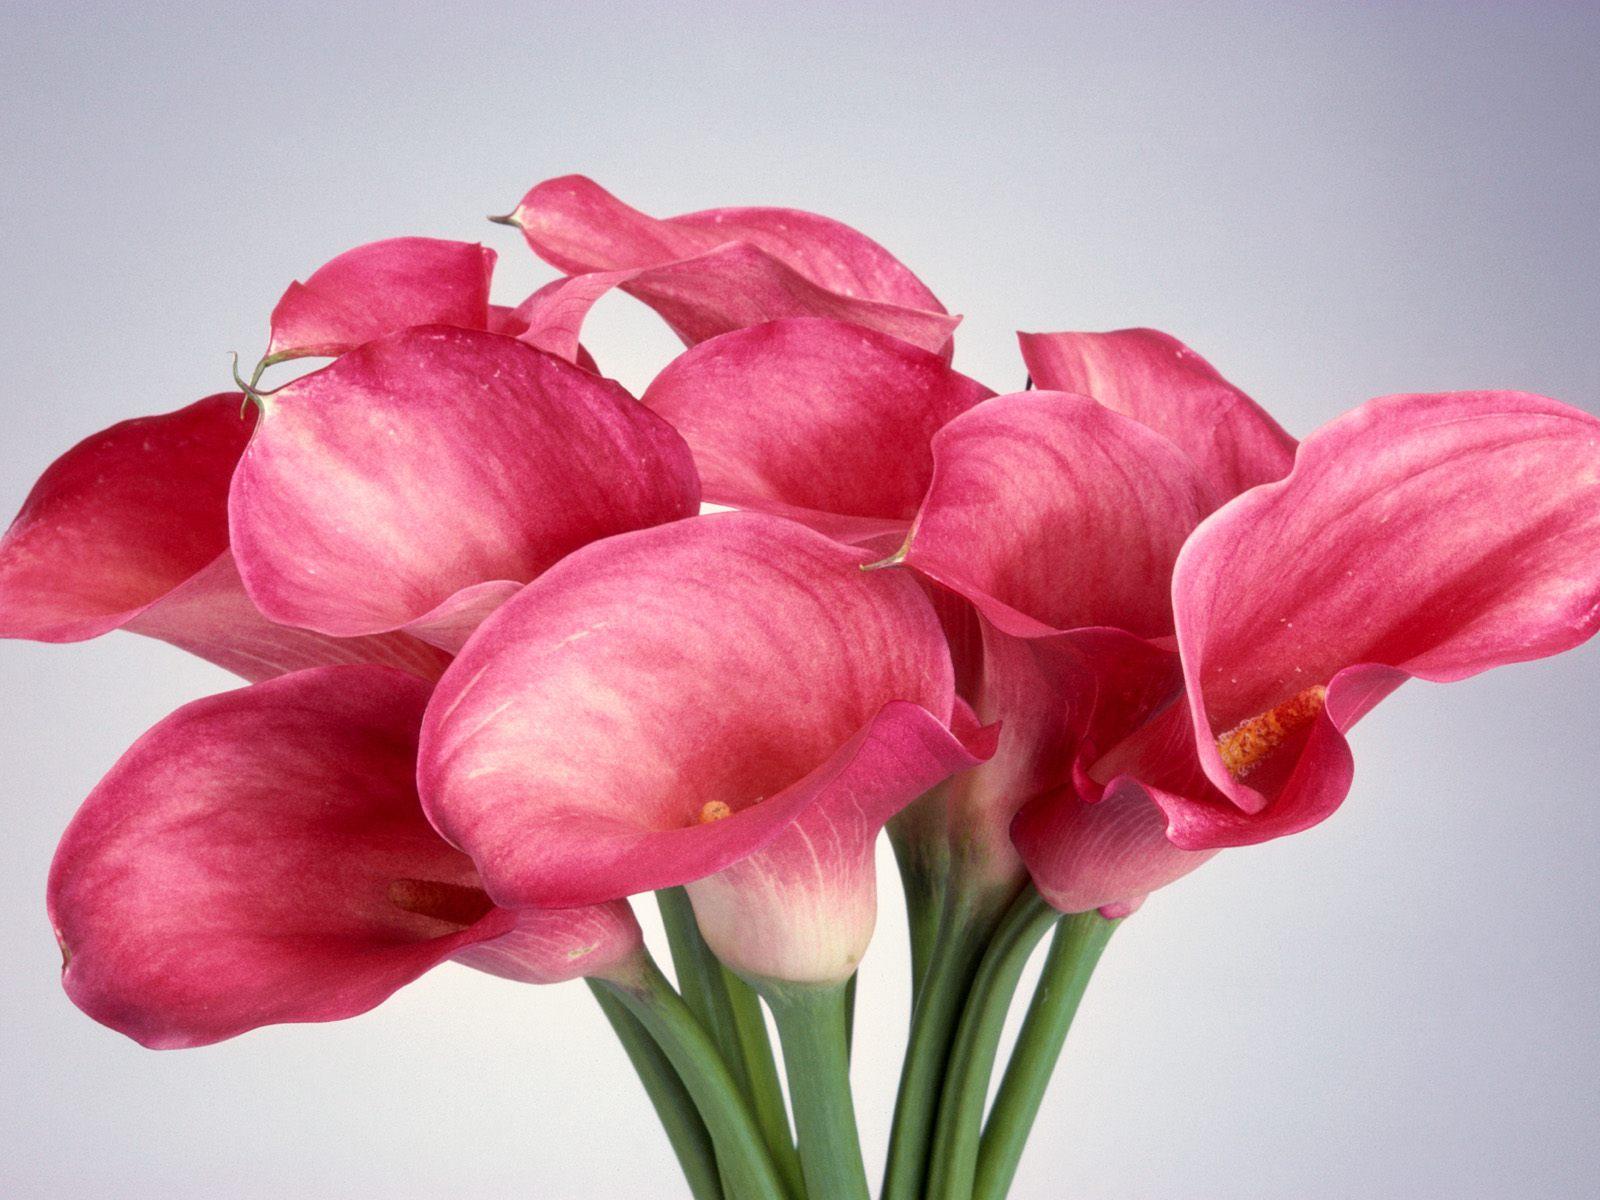 Imagenes Que Se Mueven De Flores - Imagenes Que Se Mueven Y Brillan Bonitas Para Fondos